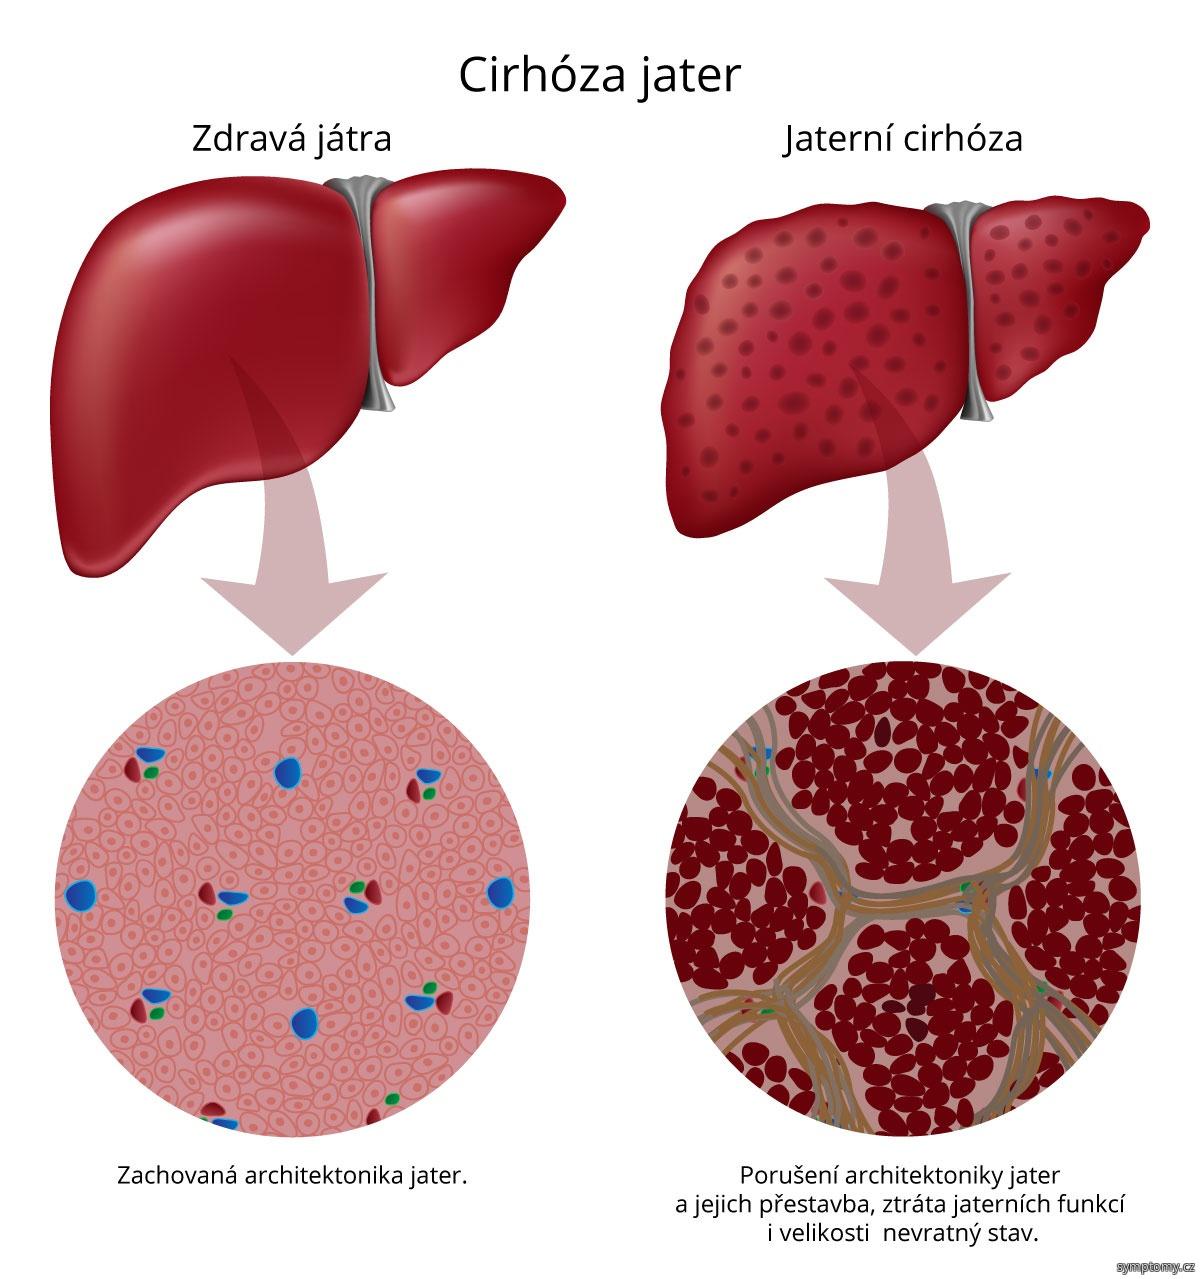 zdravá játra a jaterní cirhóza